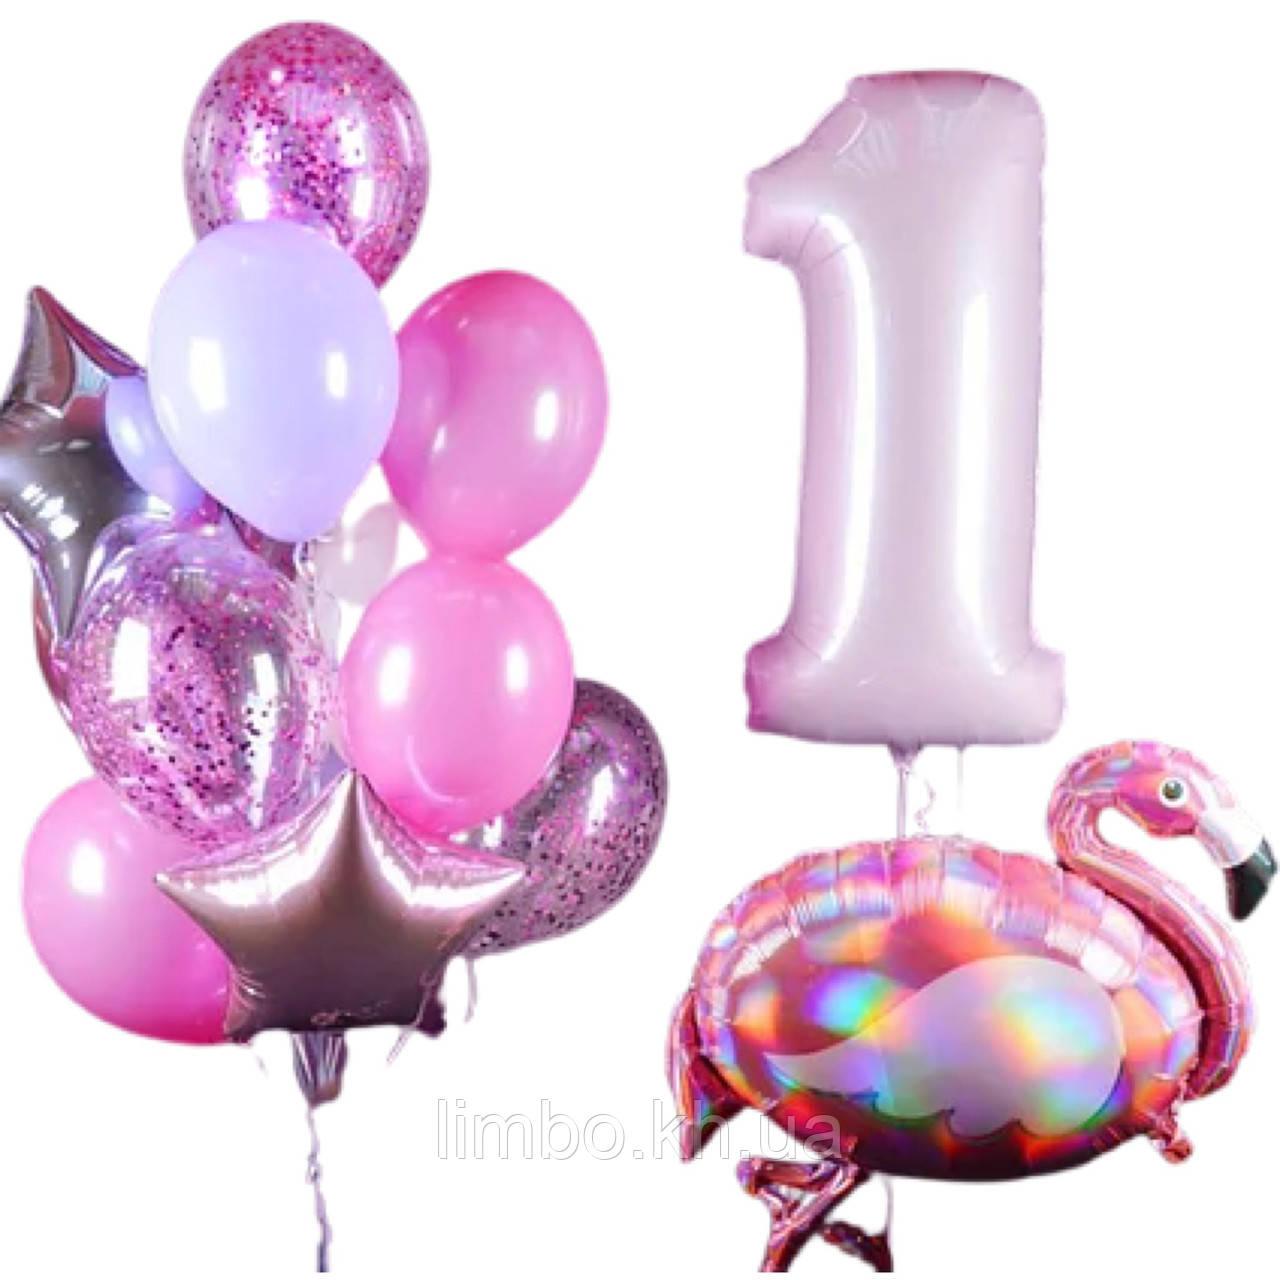 Кульки на день народження дівчинці з фольгированной фігурою фламінго і кулька цифра 1